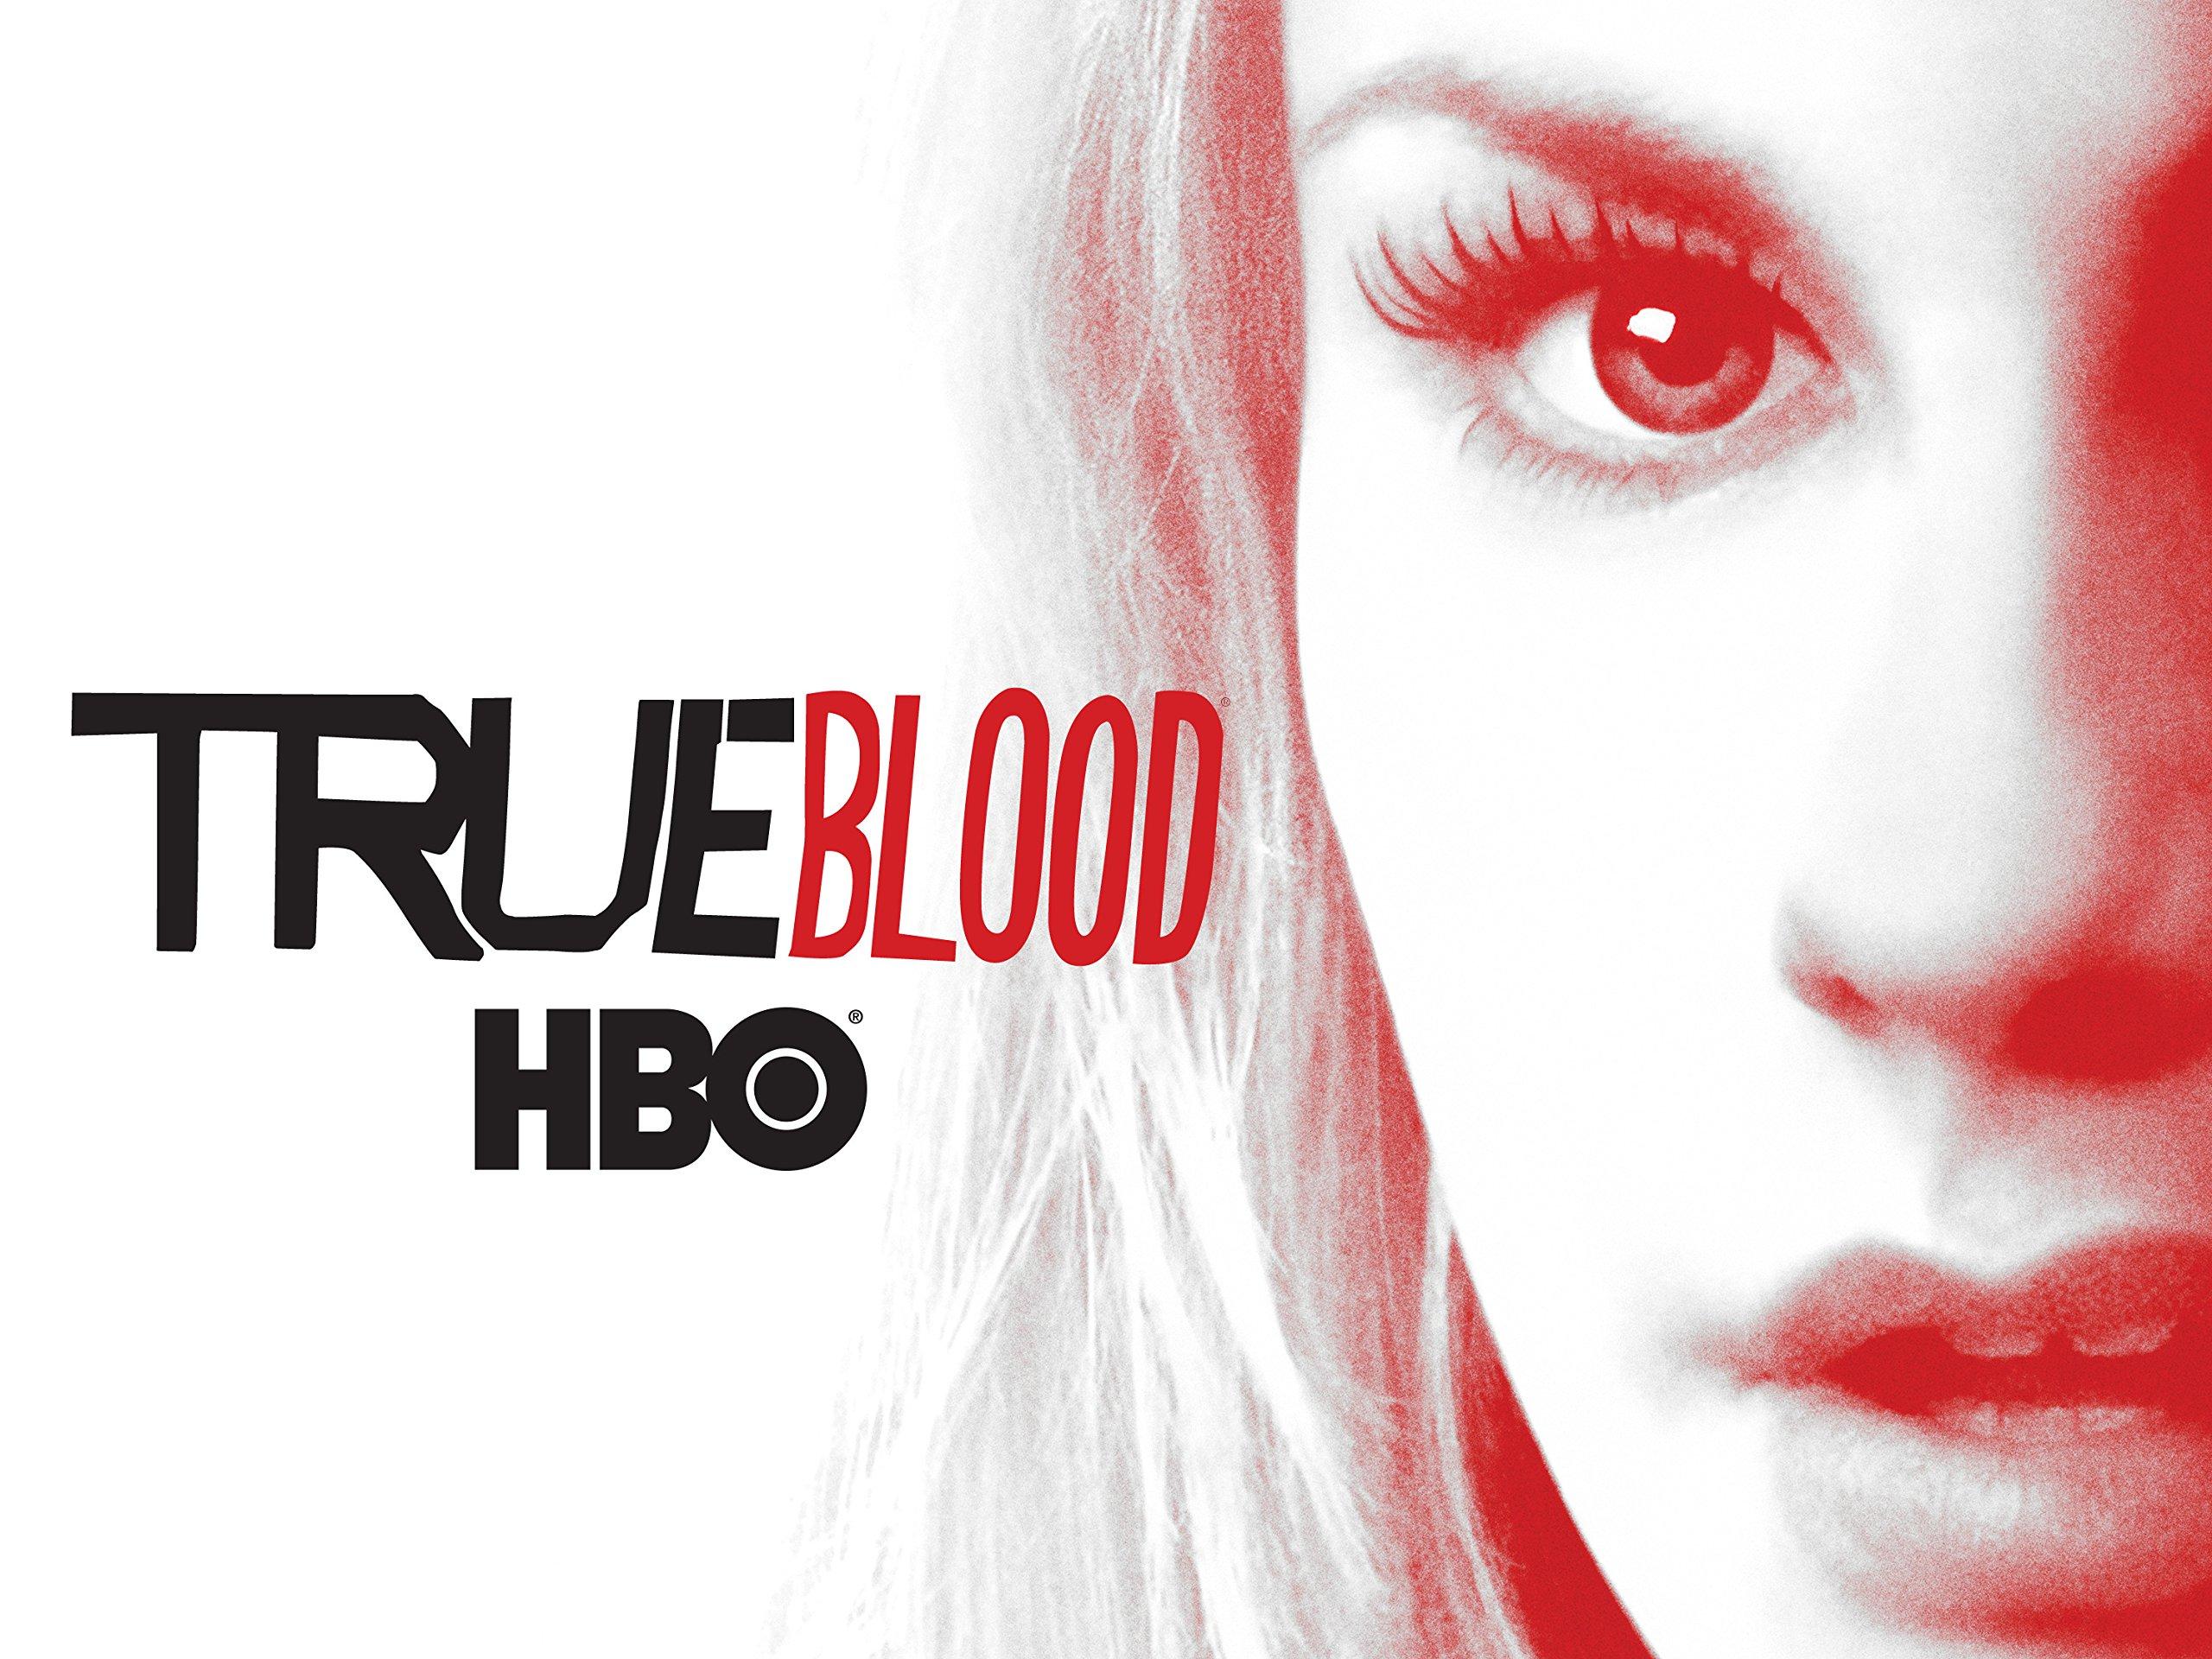 true blood season 1 direct download